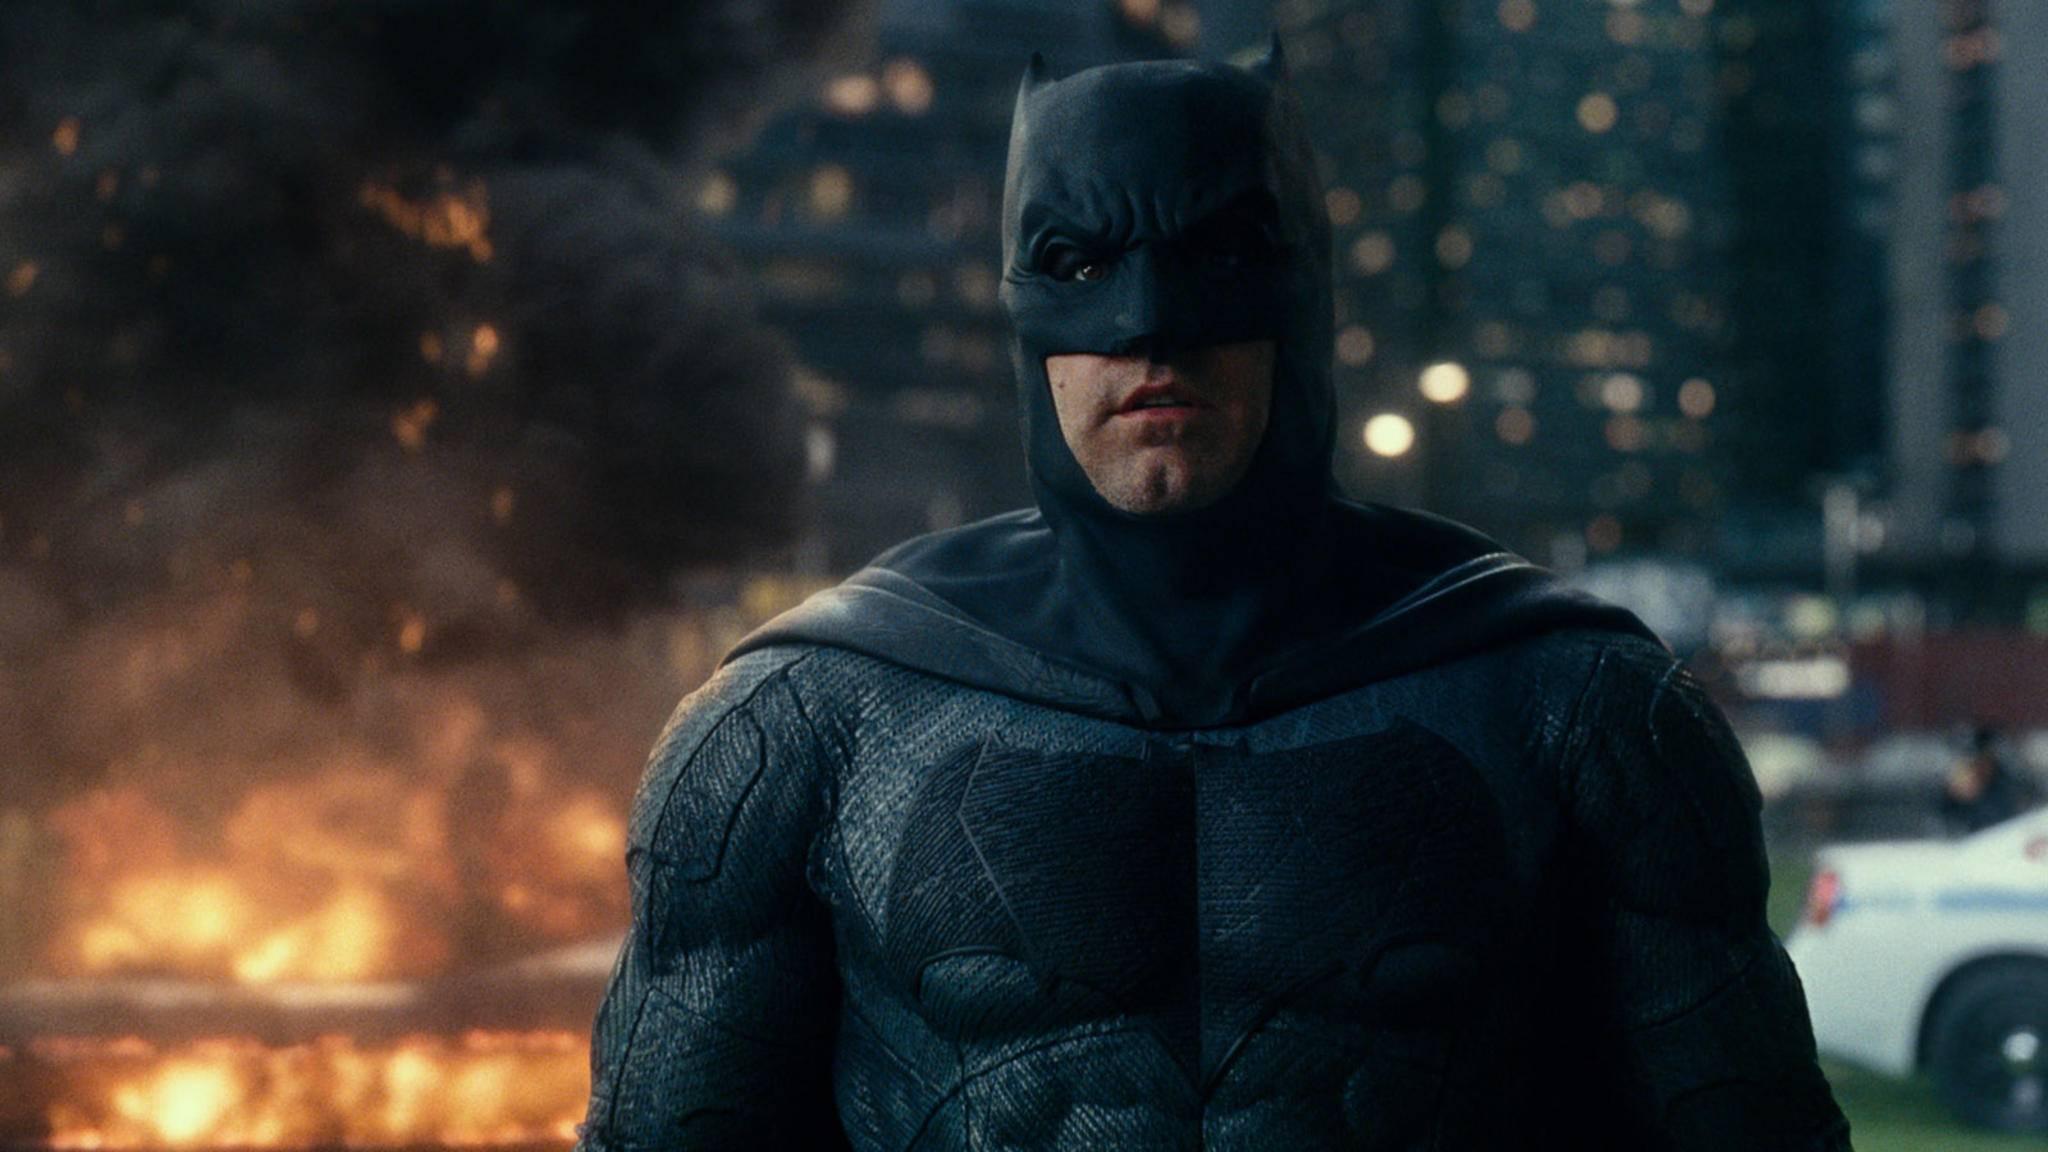 Wer könnte der neue Batman nach Ben Affleck werden?